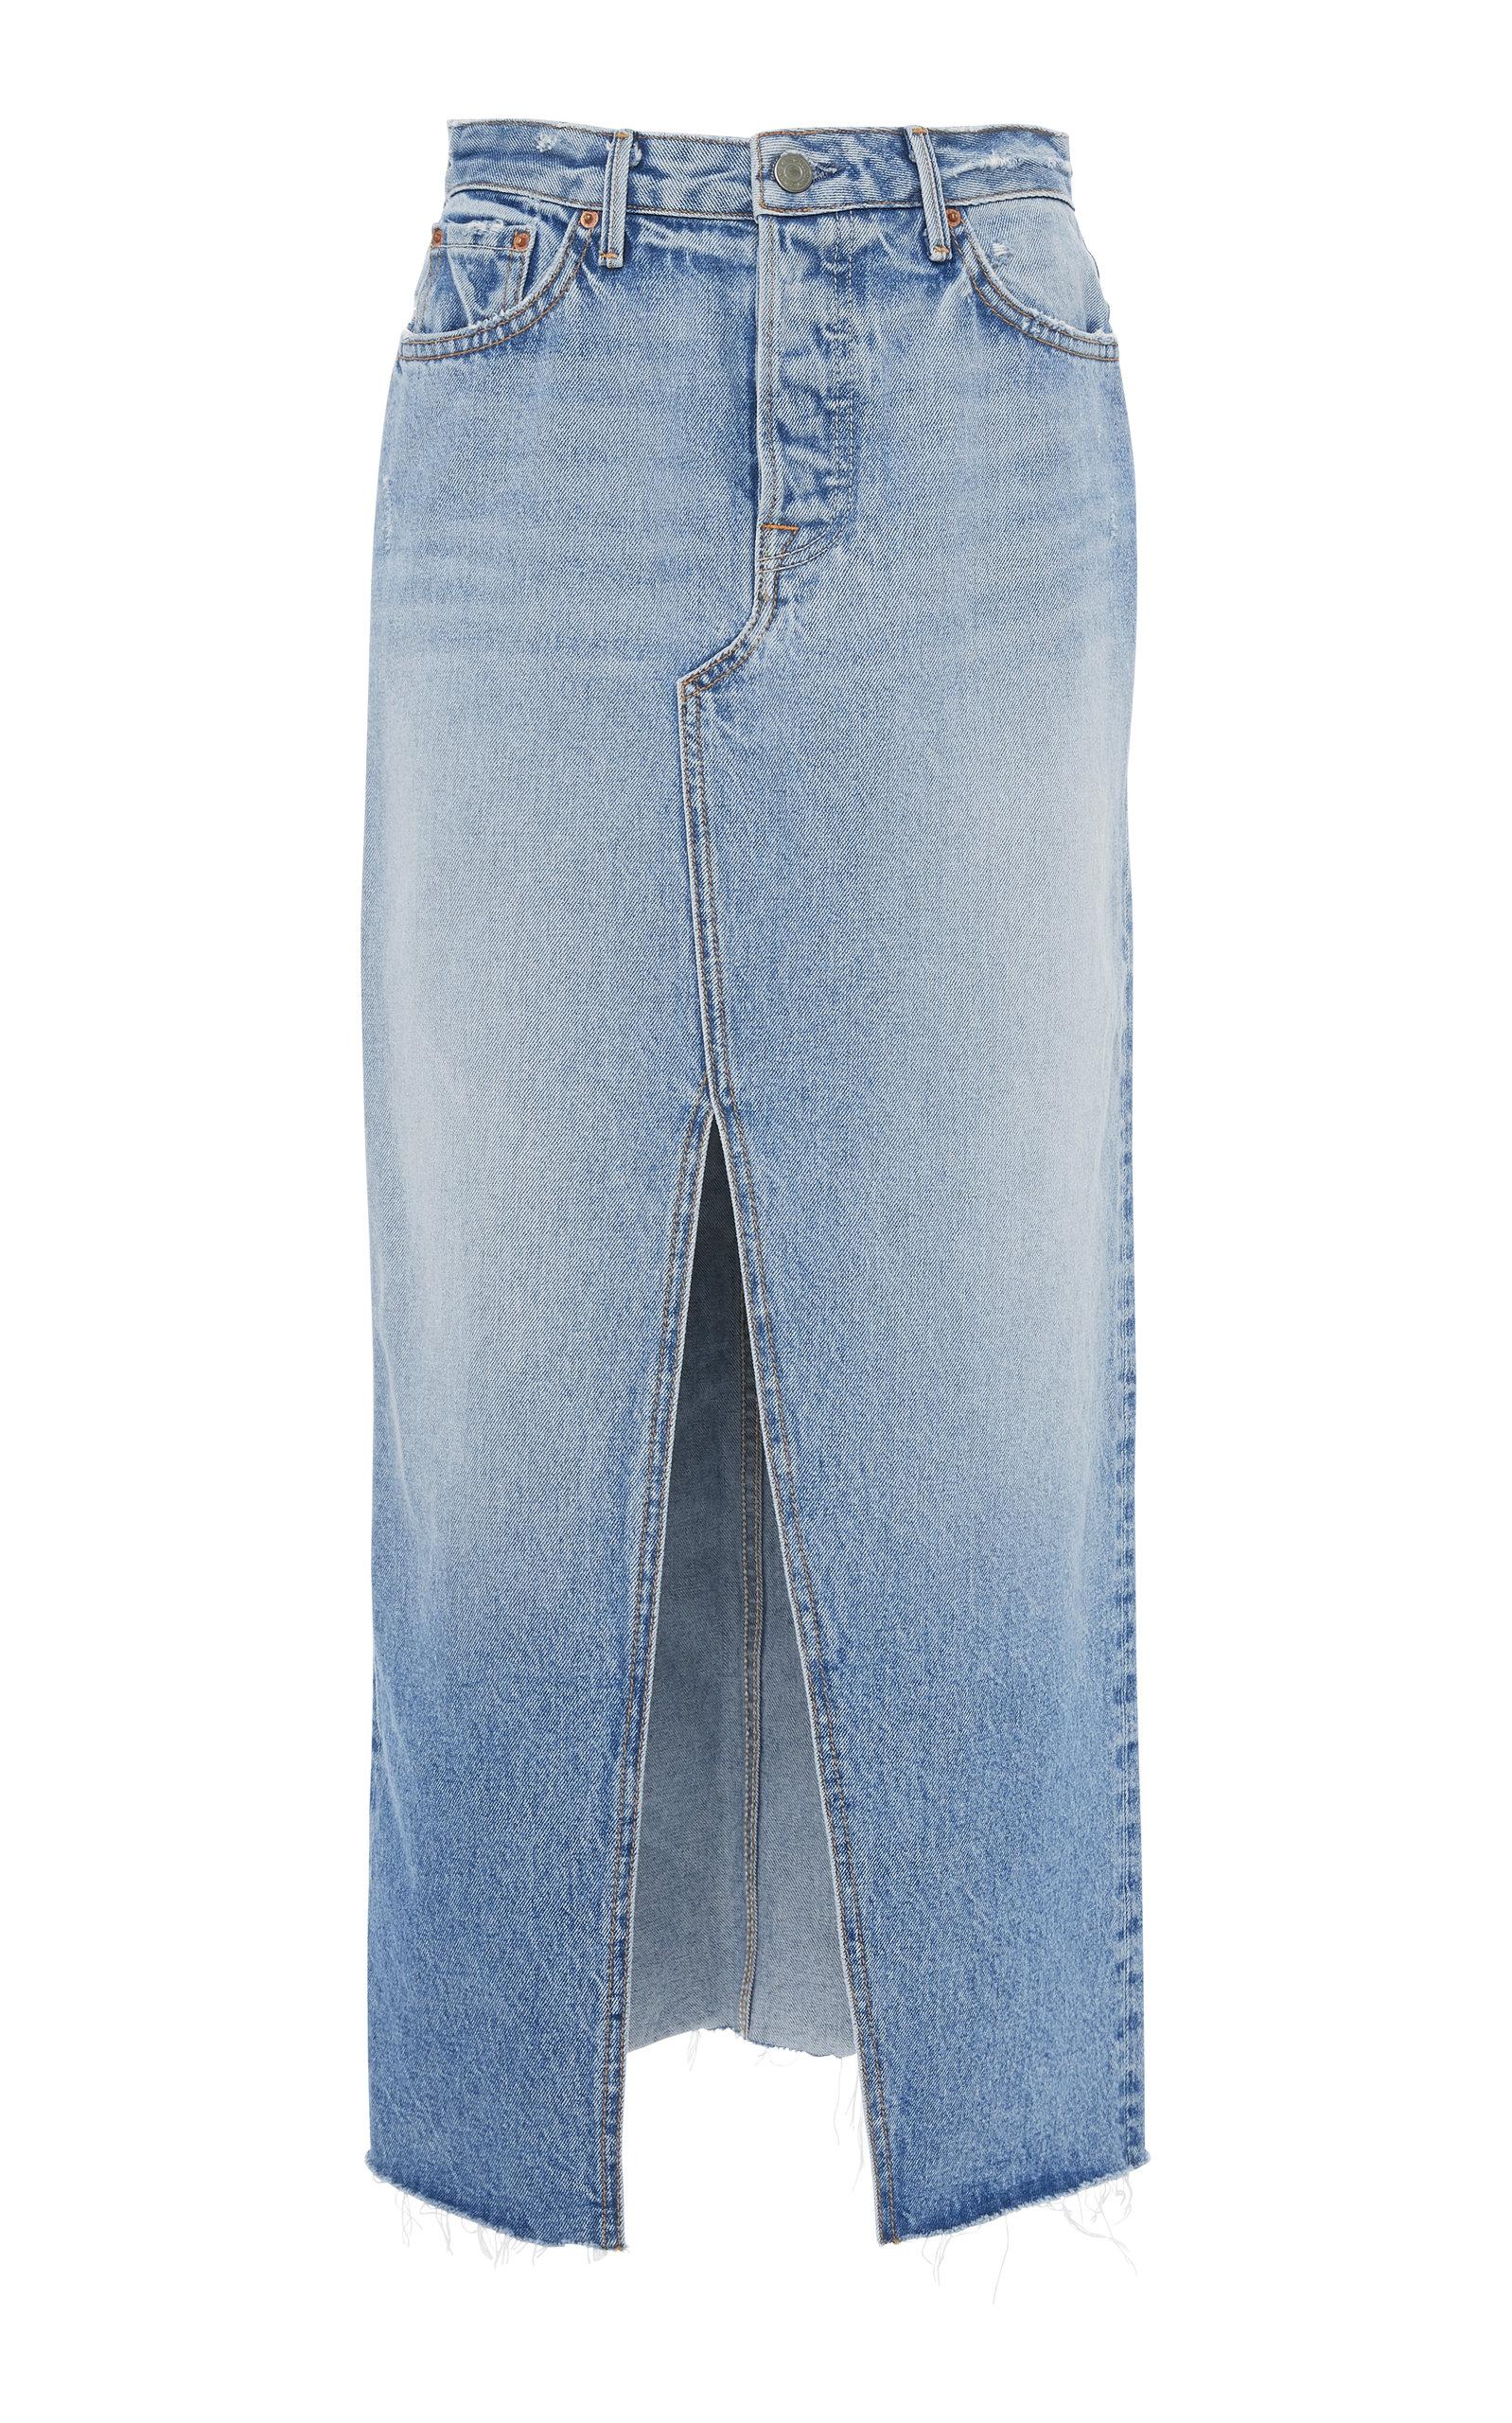 Clearance Newest Isla Denim Midi Skirt GRLFRND Sale Best Free Shipping Best Place Cheap Best Wholesale IXEJWajHlc